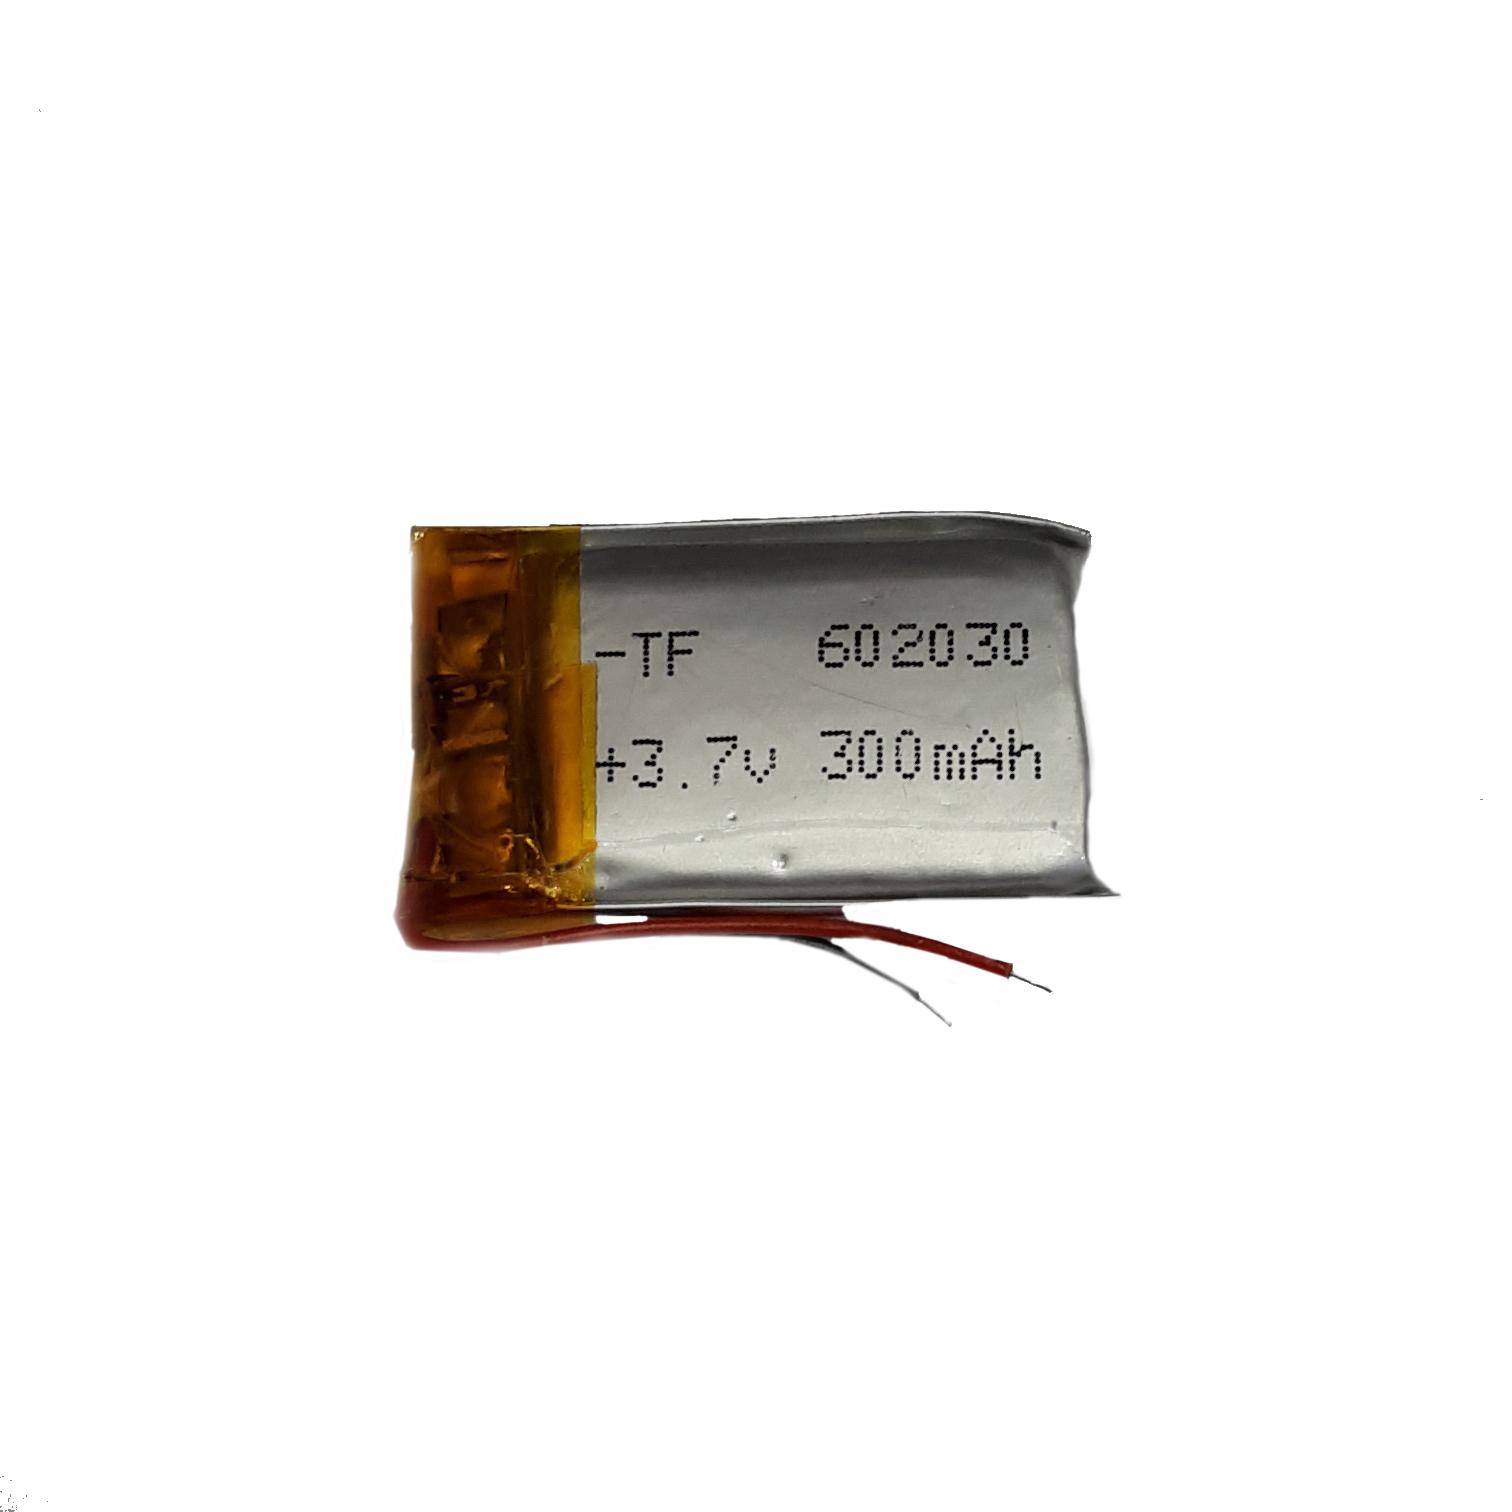 باتری لیتیوم-یون کد 602030 ظرفیت 300 میلی آمپر ساعت